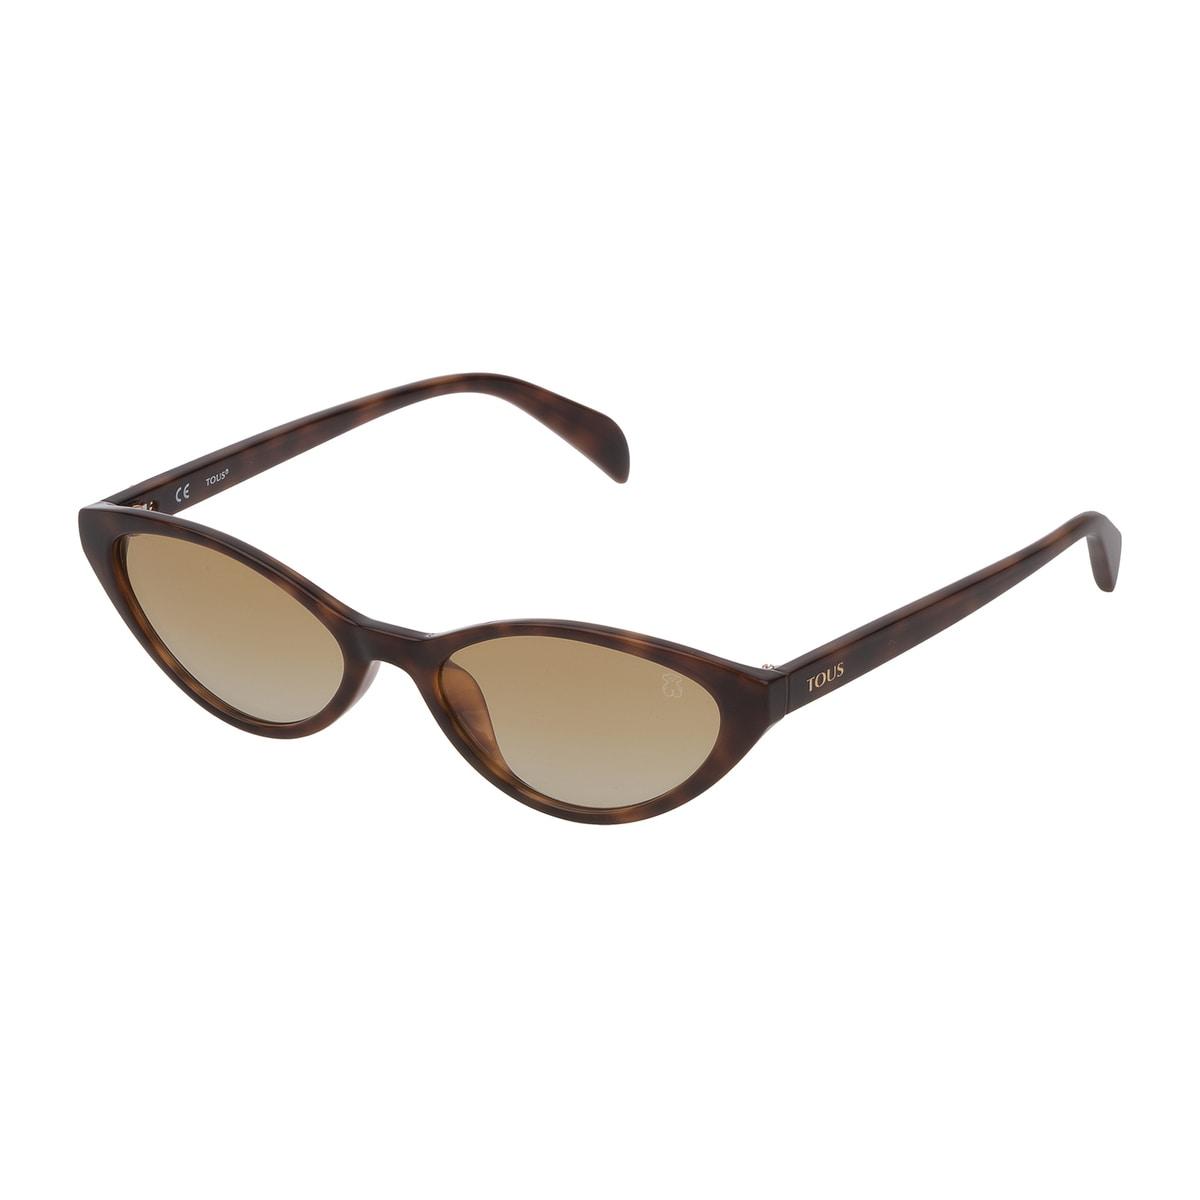 Gafas de sol Bear Cat Eye de acetato en color marrón